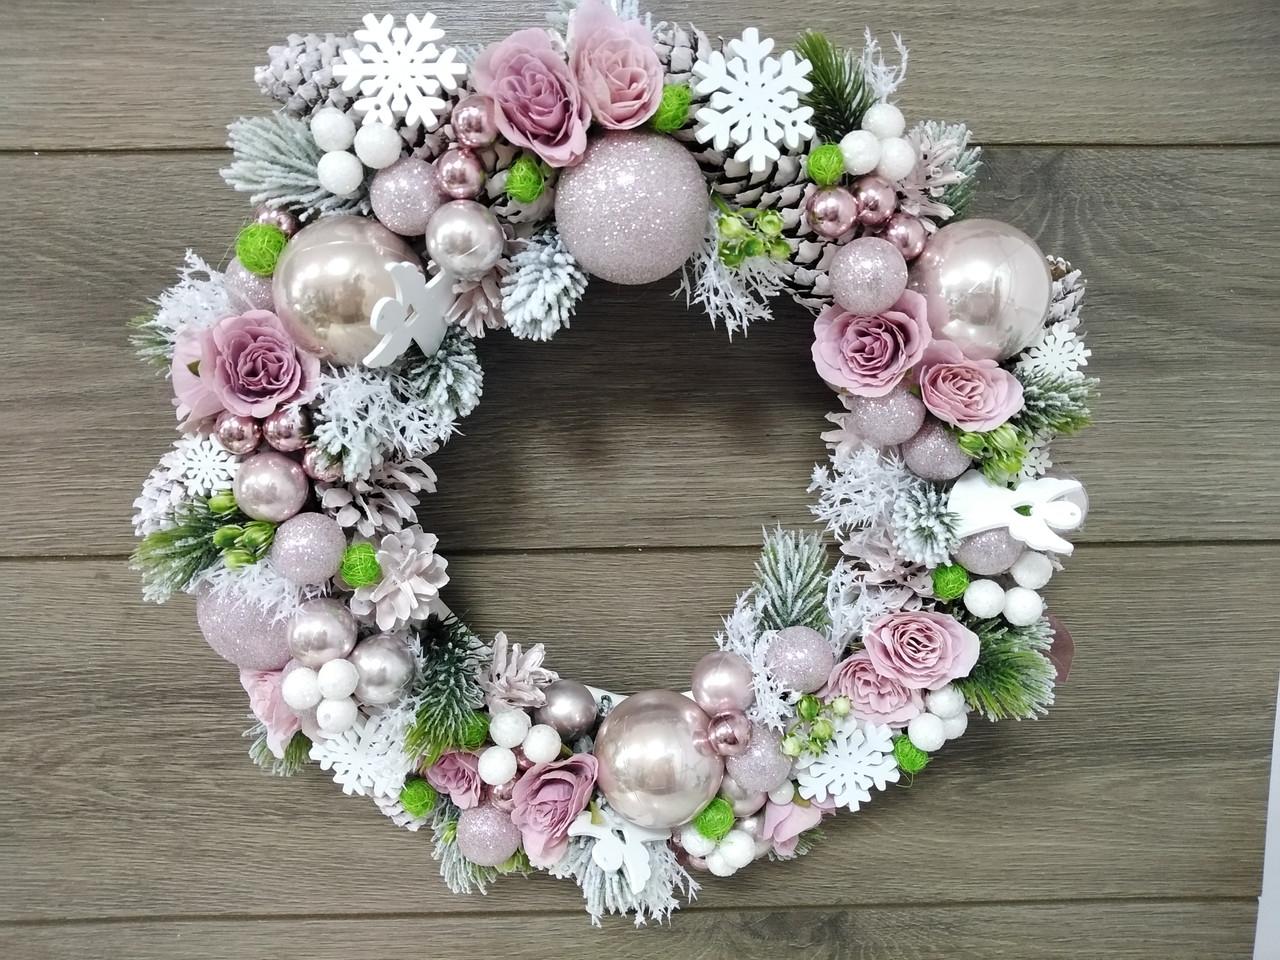 Новогодний венок Волинські візерунки на натуральной лозе пудровый д. 50 см